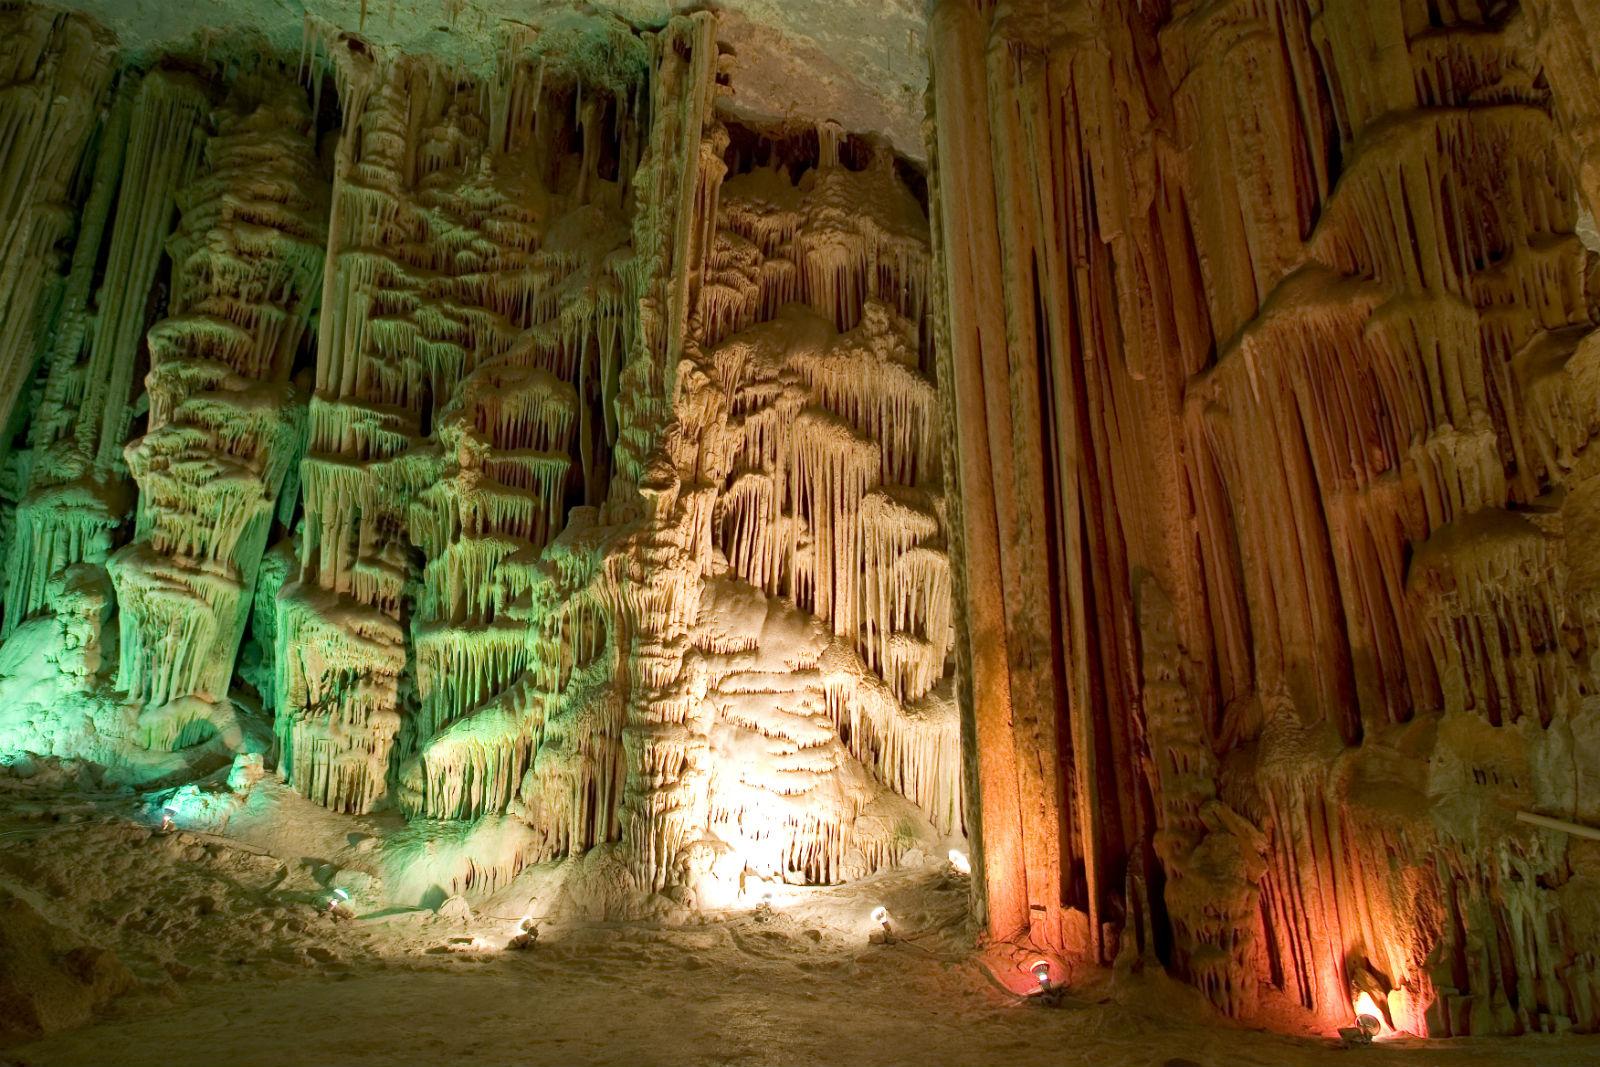 grutas garcía nuevo león